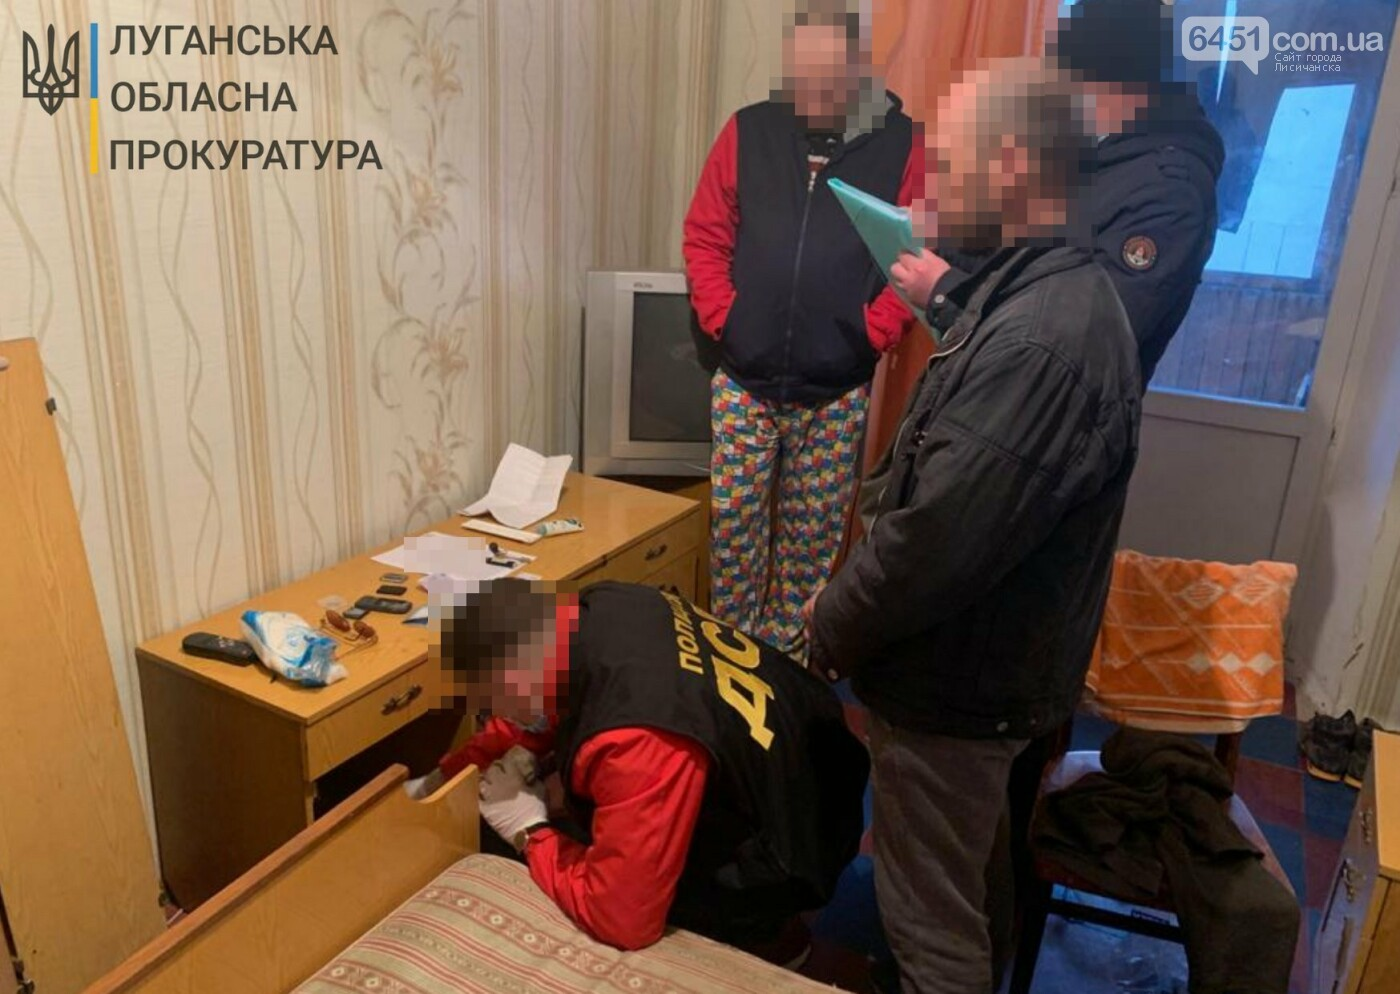 В Лисичанске женщина привлекала малолетнего сына к распространению наркотических веществ, фото-1, Луганская областная прокуратура